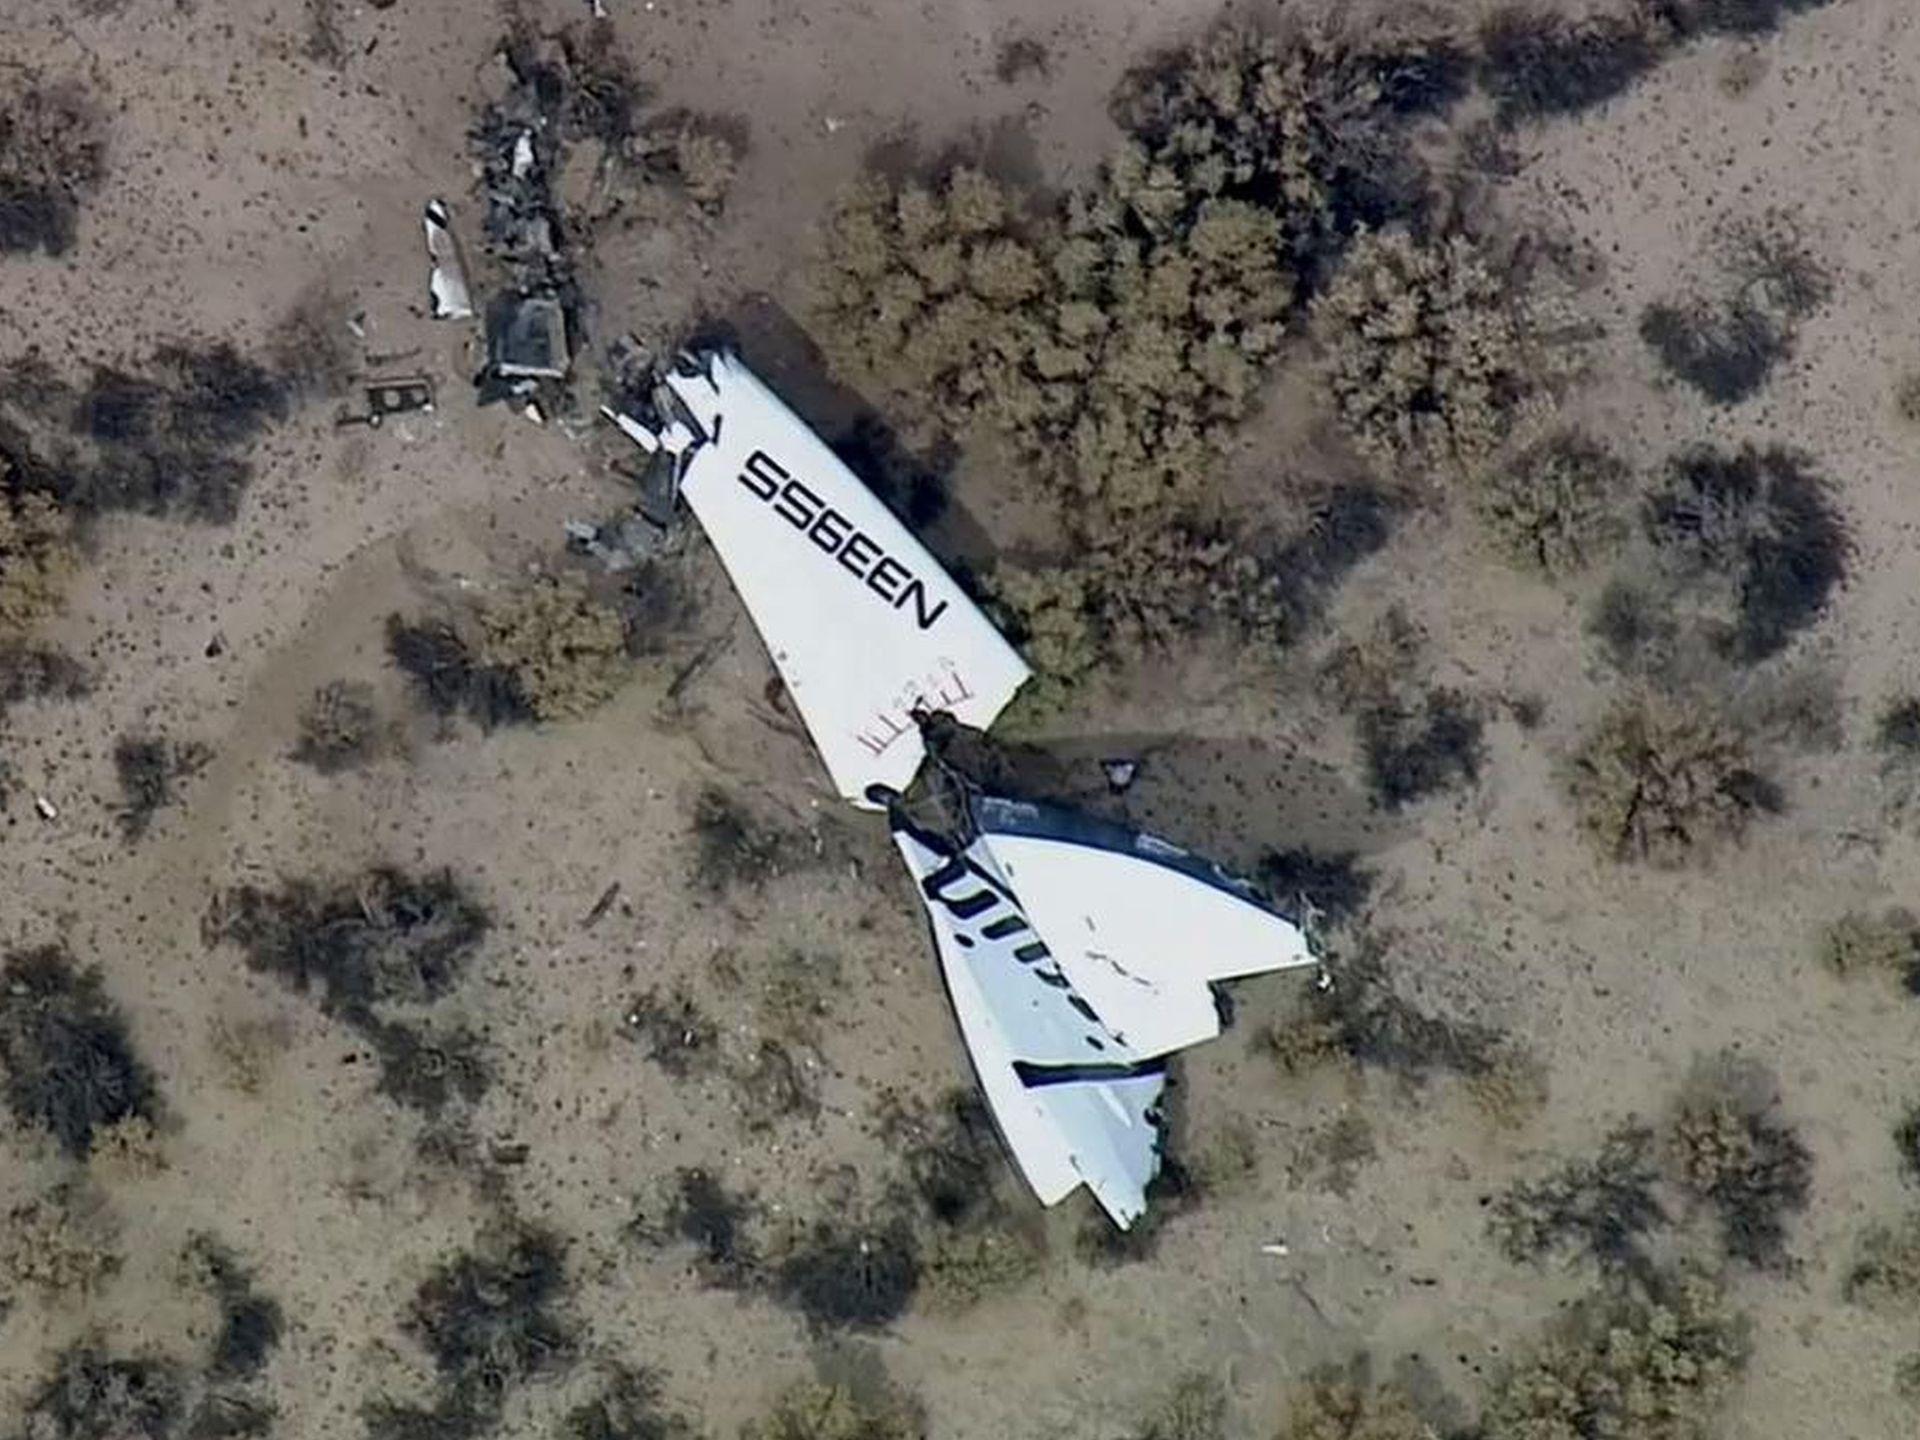 635503700045355313-AP-SpaceShipTwo.1